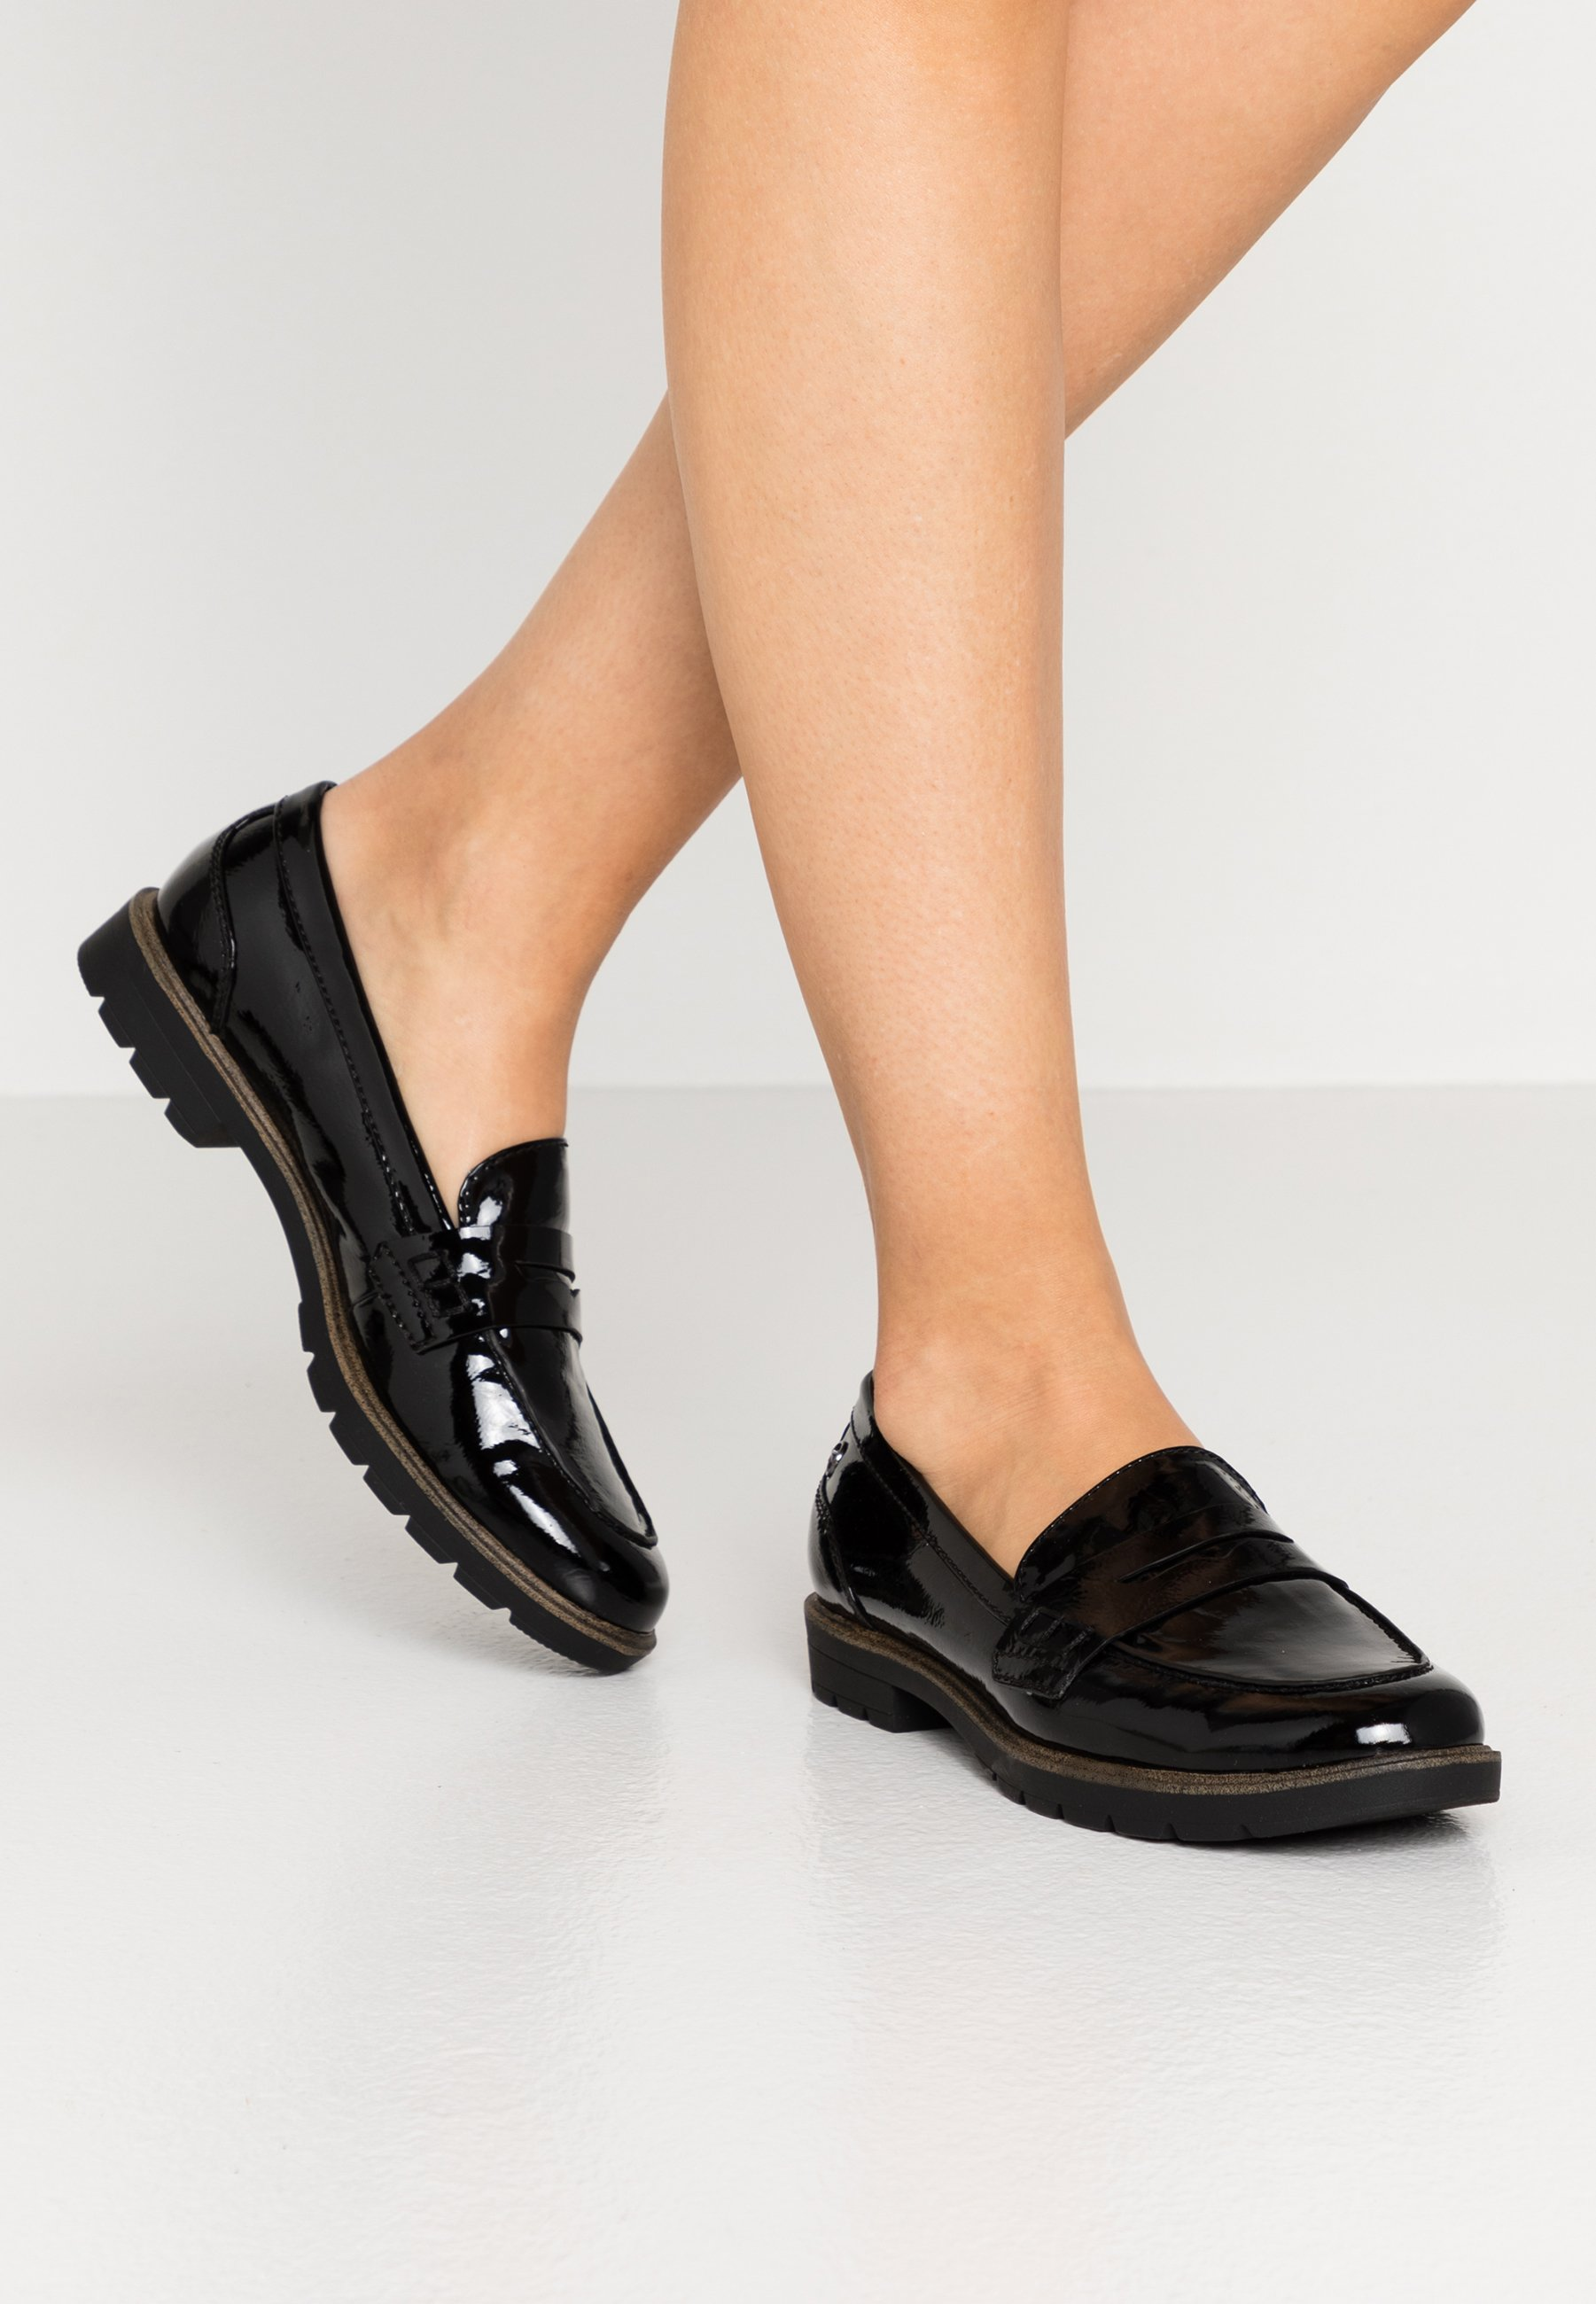 Halbschuhe für Damen sind die neue Schuhklasse für Damen